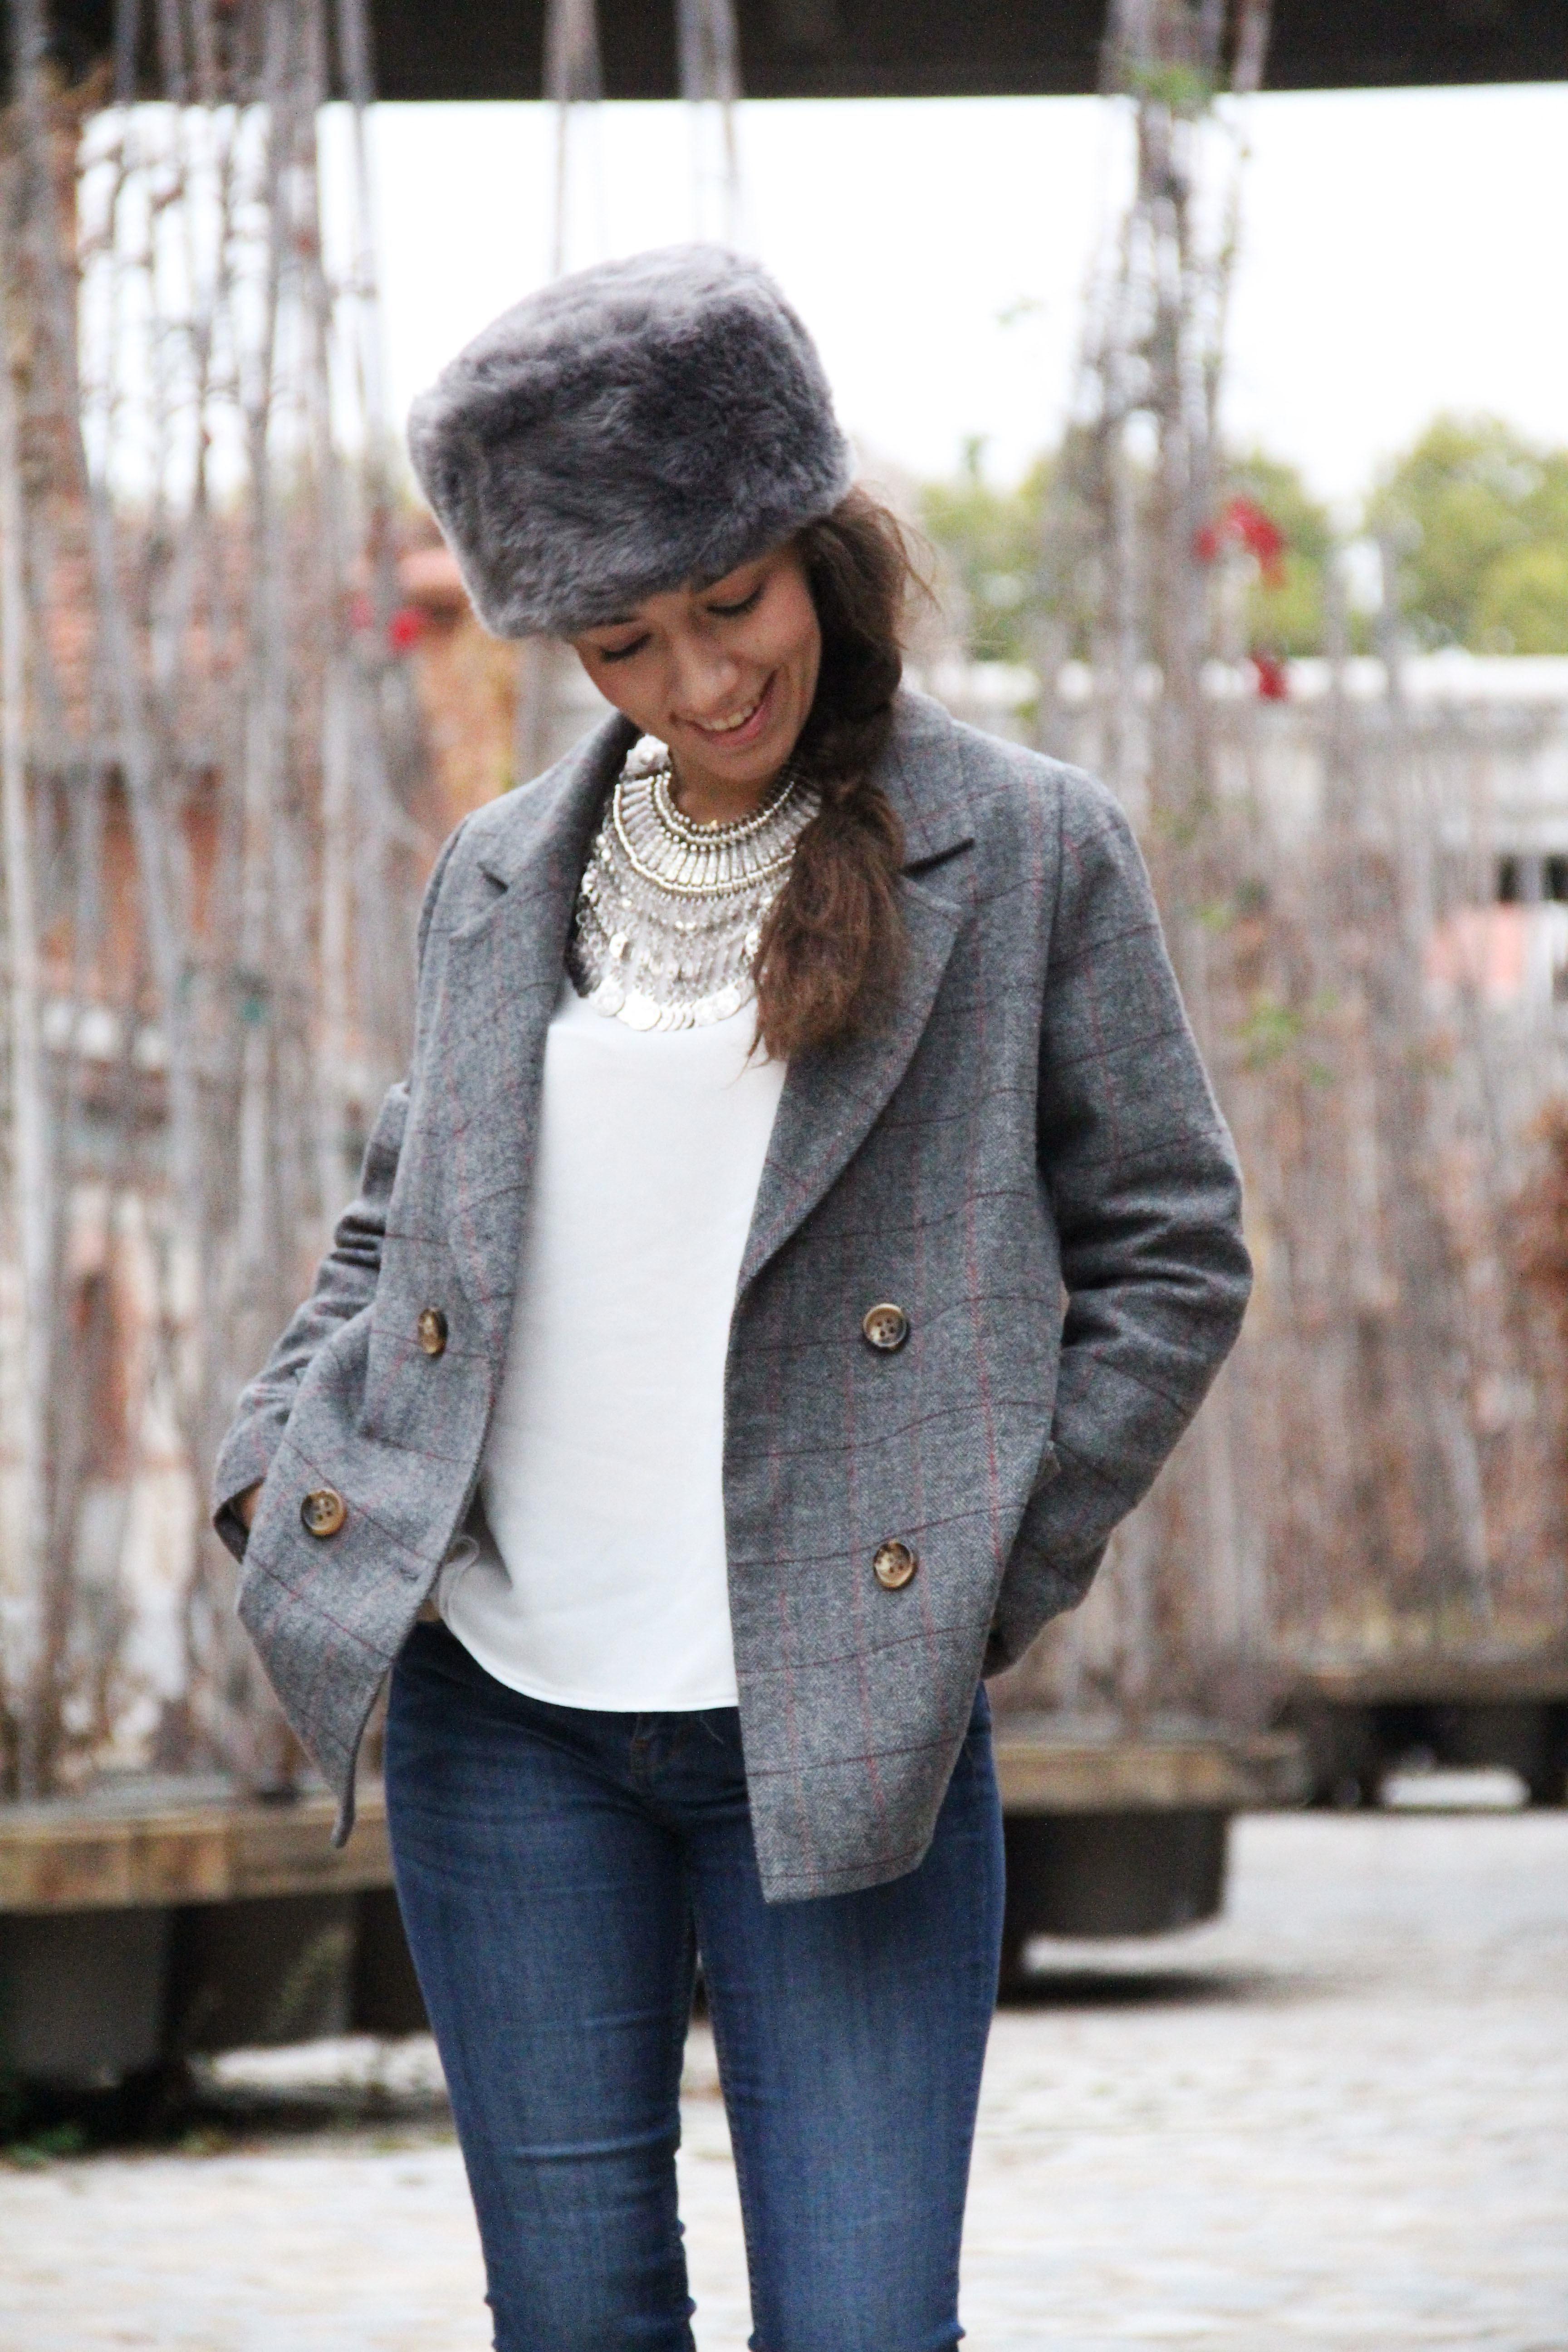 3_Less_is_more-ripped_jeans-compañía_fantástica-zapatillas_blancas-sneackers-gorro_de_pelo-blazer_de_cuadros-outfit-street_style-outfit-fashion_blogger